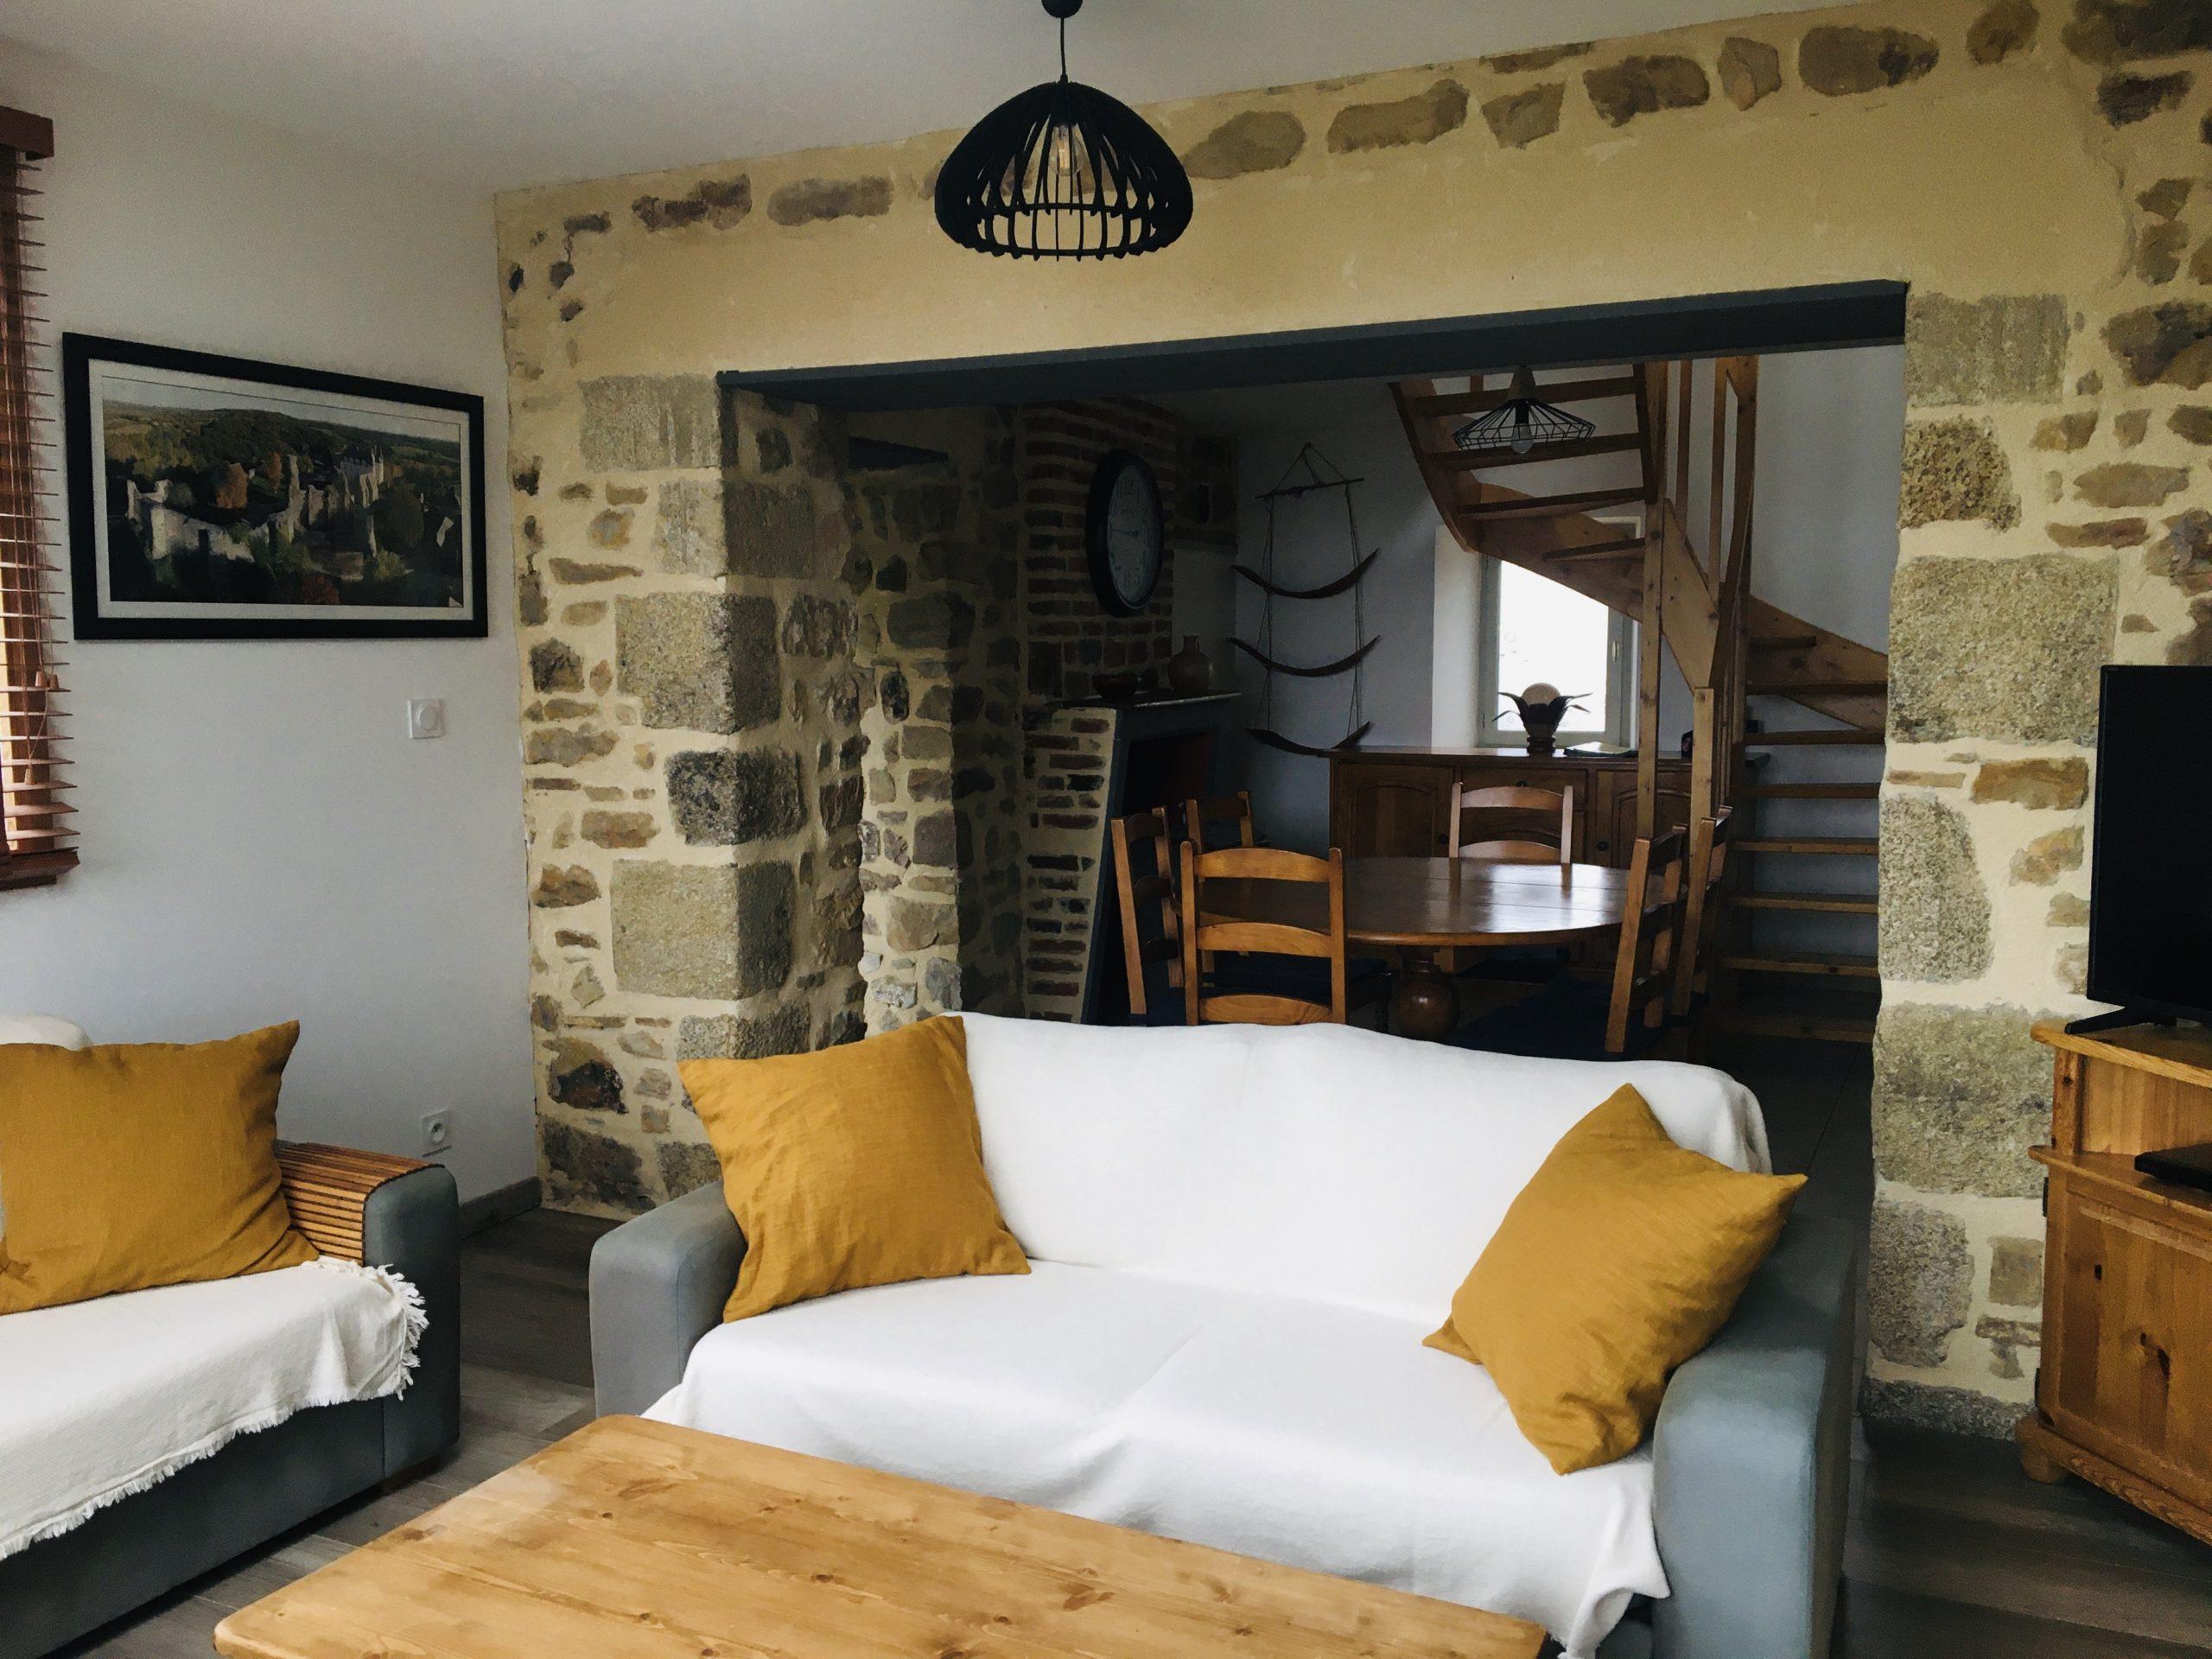 canapé et mur en pierre